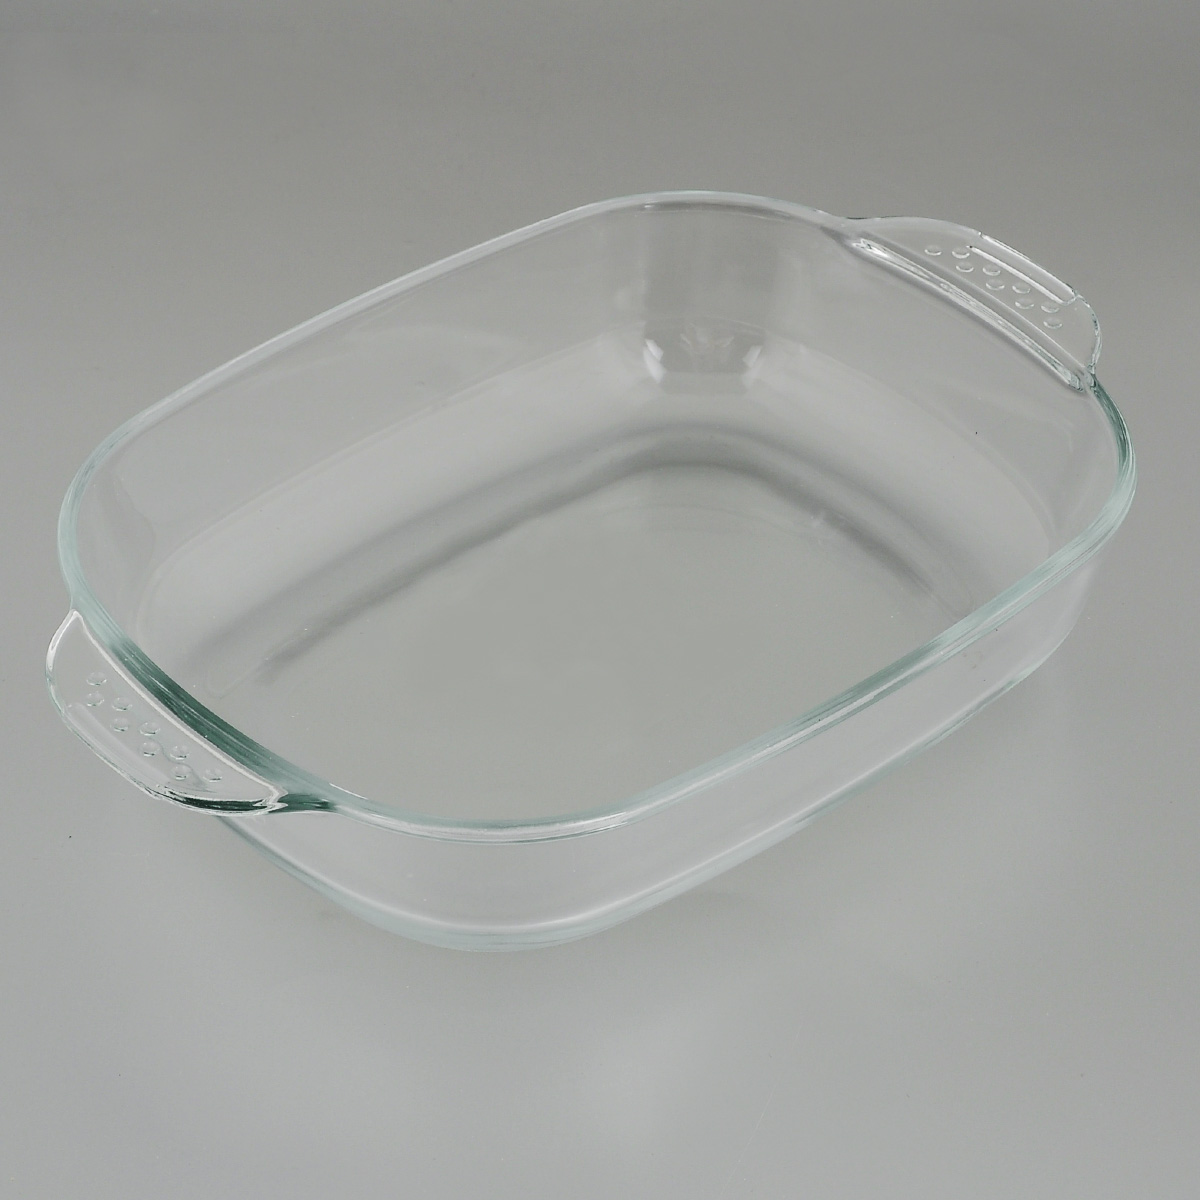 """Прямоугольная форма для запекания """"Едим Дома"""" изготовлена из жаропрочного стекла,  которое выдерживает температуру до +450°С. Форма предназначена для  приготовления горячих блюд. Оснащена двумя ручками. Материал изделия гигиеничен, прост в уходе и обладает высокой степенью прочности.  Форма идеально подходит для использования в духовках, микроволновых печах,  холодильниках и морозильных камерах. Также ее можно использовать на газовых  плитах (на слабом огне) и на электроплитах. Можно мыть в посудомоечной  машине. Внутренний размер формы: 23 см х 18 см. Внешний размер формы (с учетом ручек): 28 см х 18 см.  Высота стенки формы: 5 см."""